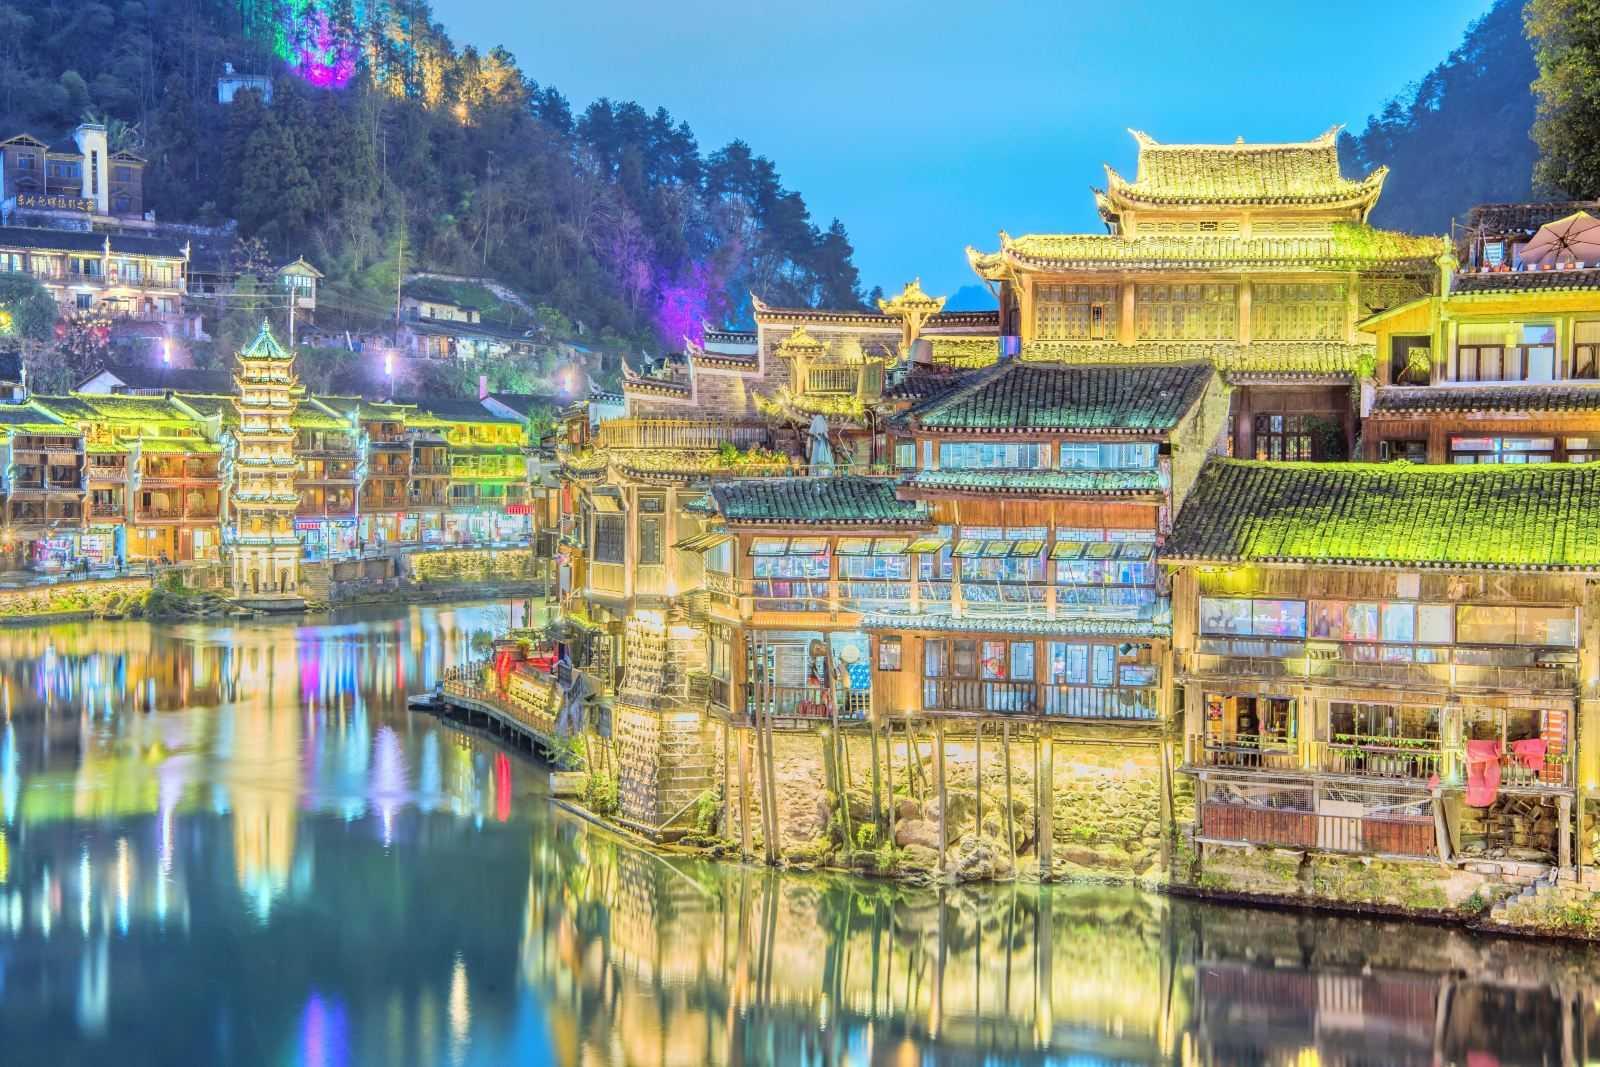 湖南最最出名景點,湖南最值得去的大景點排行榜